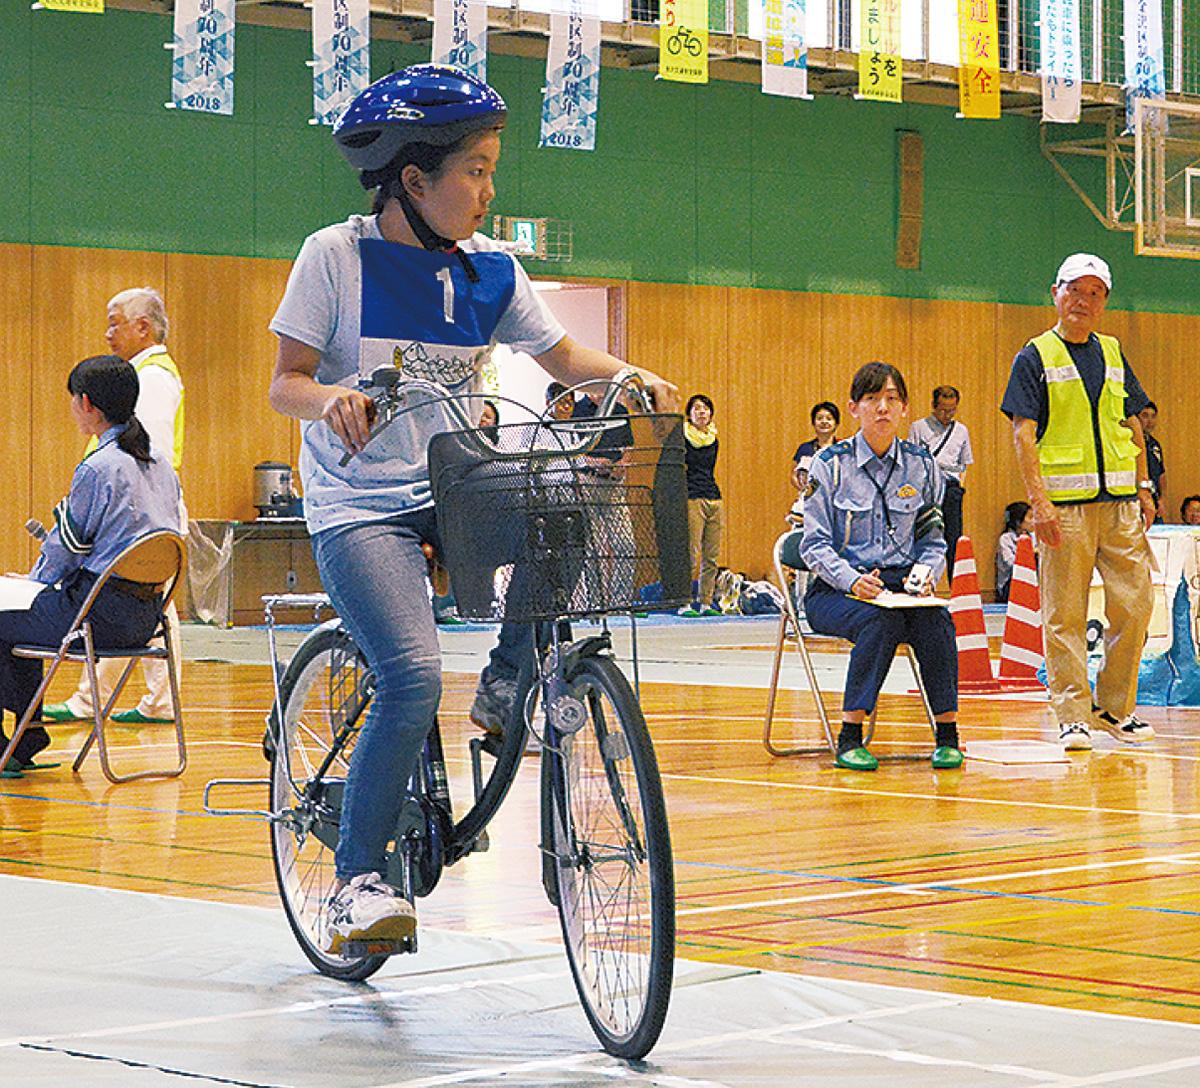 自転車マナー向上へ